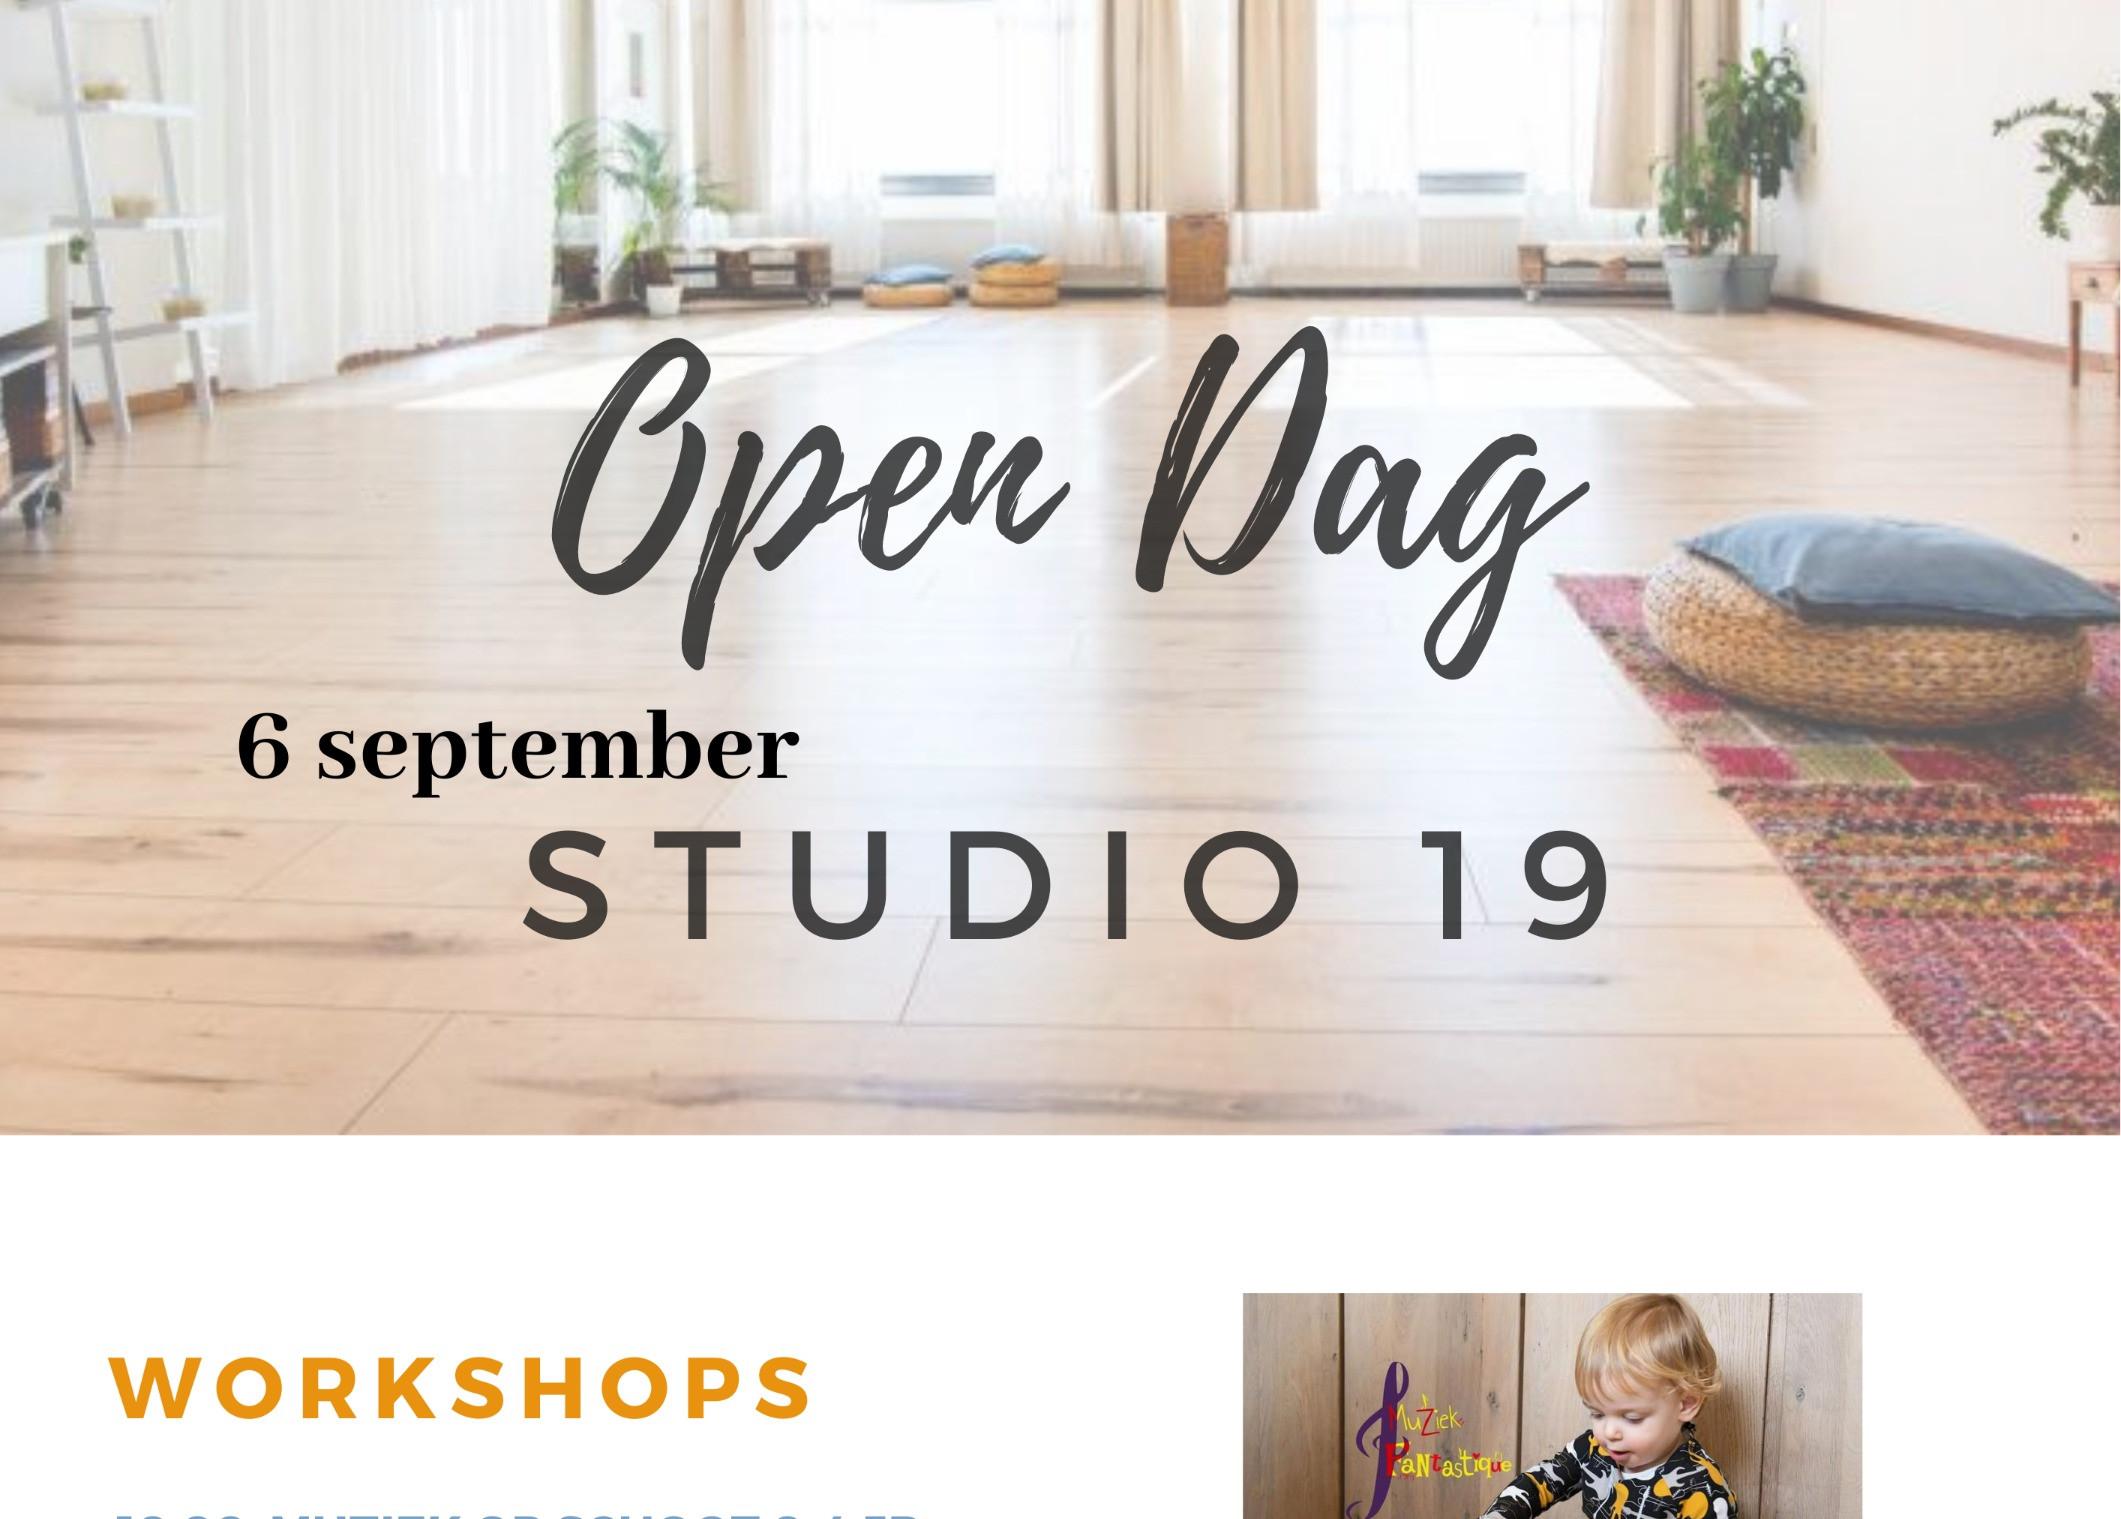 Open Dag Studio 19 Workshops